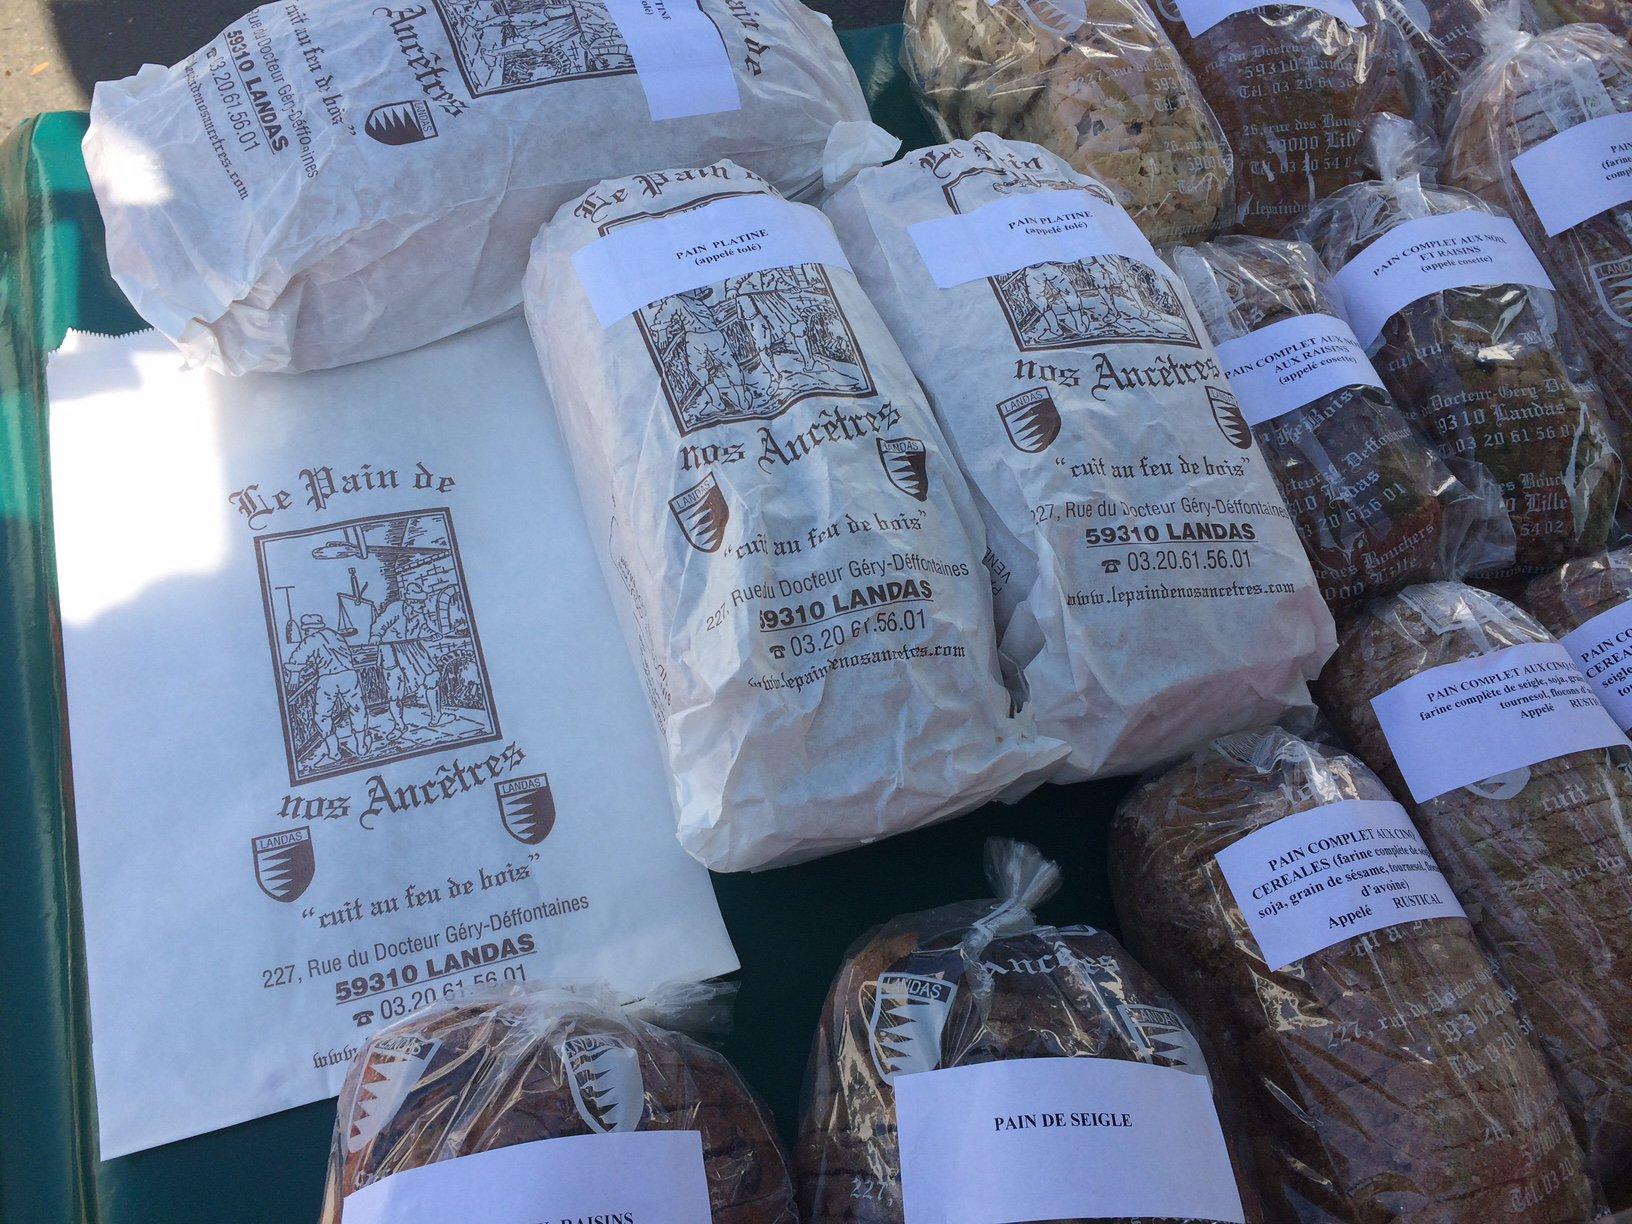 Le pain de nos ancêtres-Villeneuve-d'Ascq